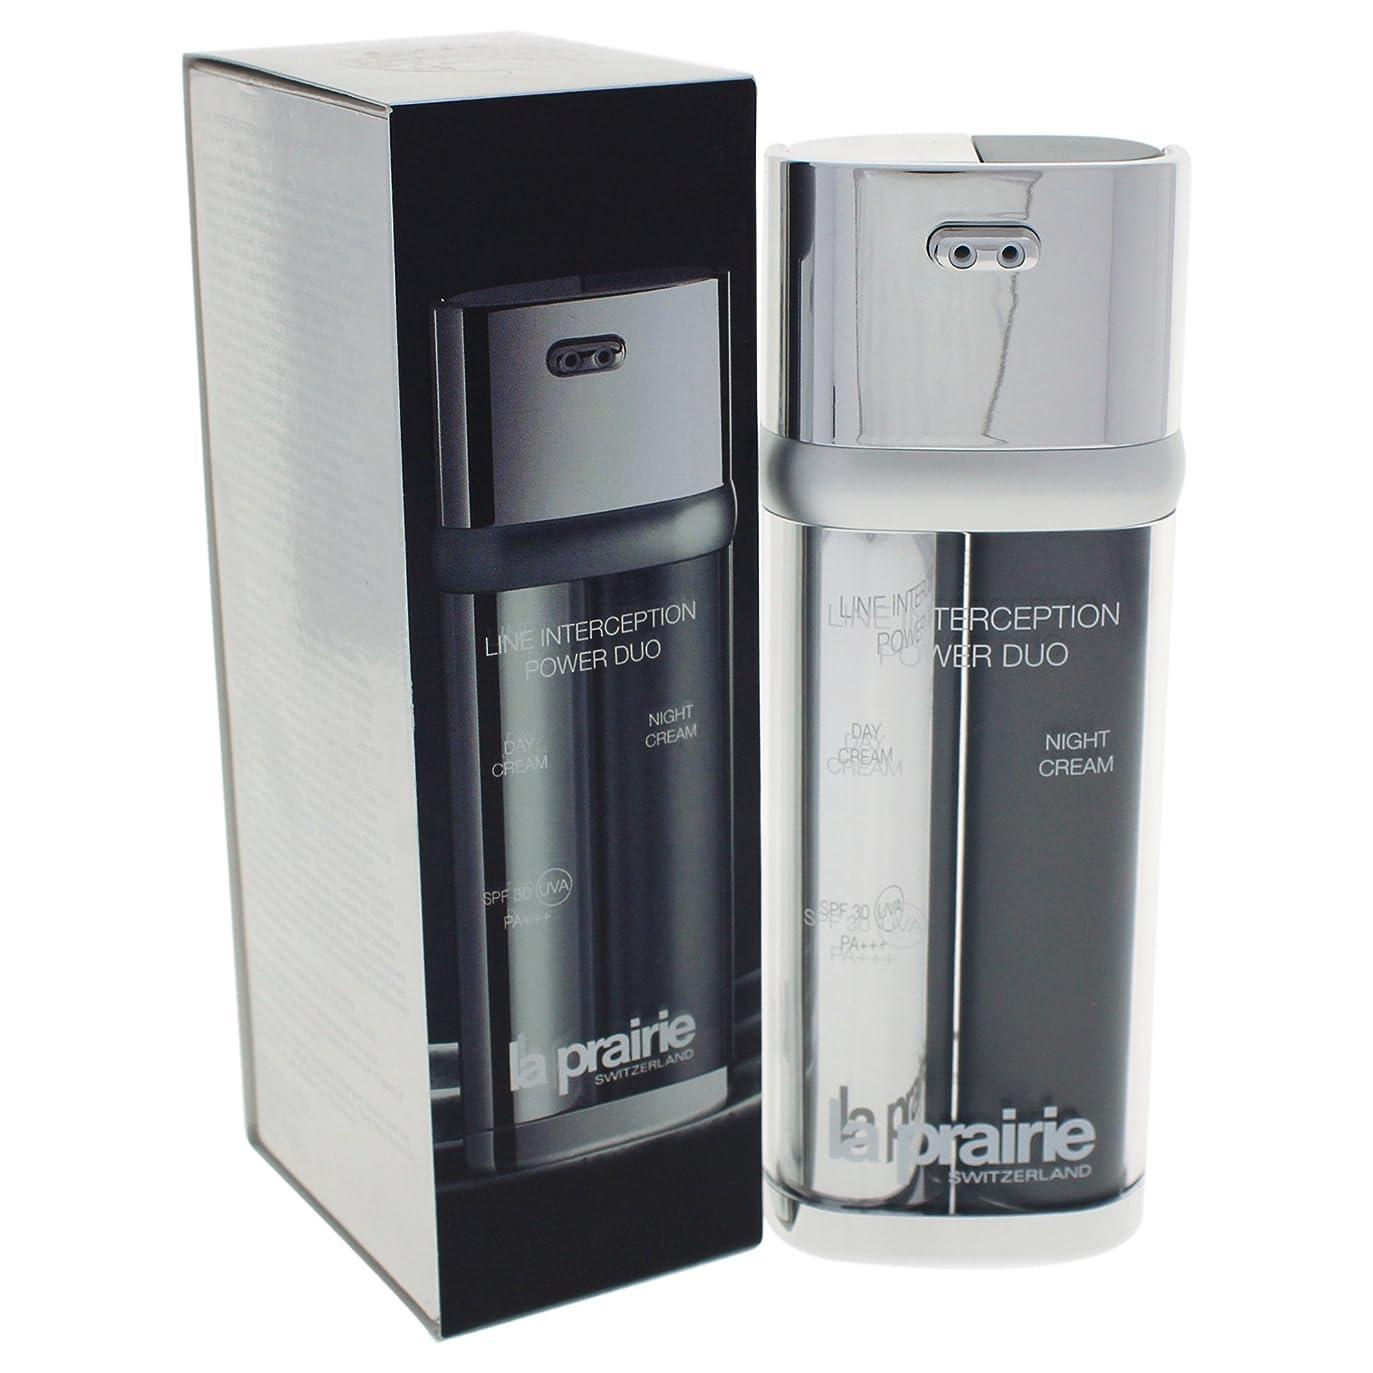 ダンス傘ビジターラプレリー Line Interception Power Duo - Day Cream SPF30 PA+++ & Night Cream 2x25ml